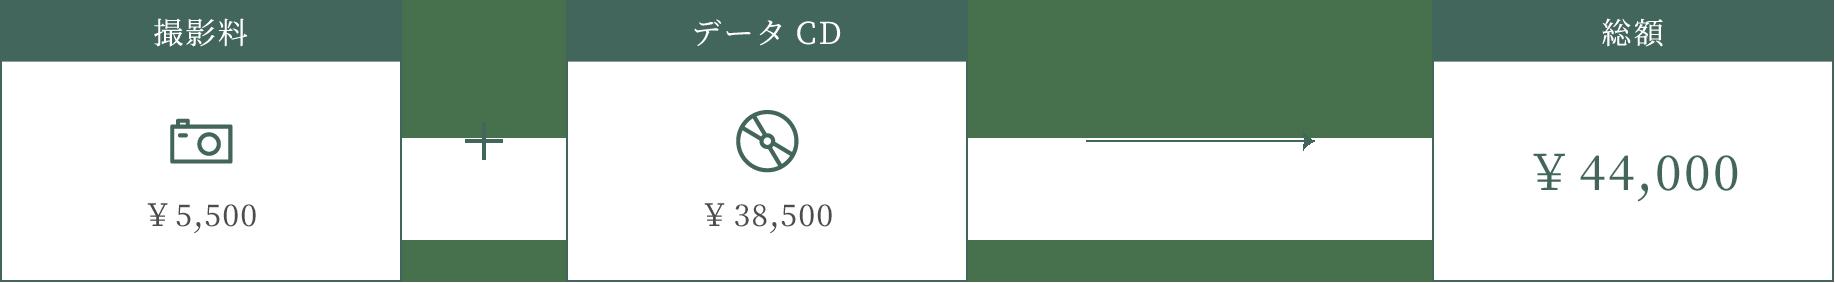 データCDをご購入の場合